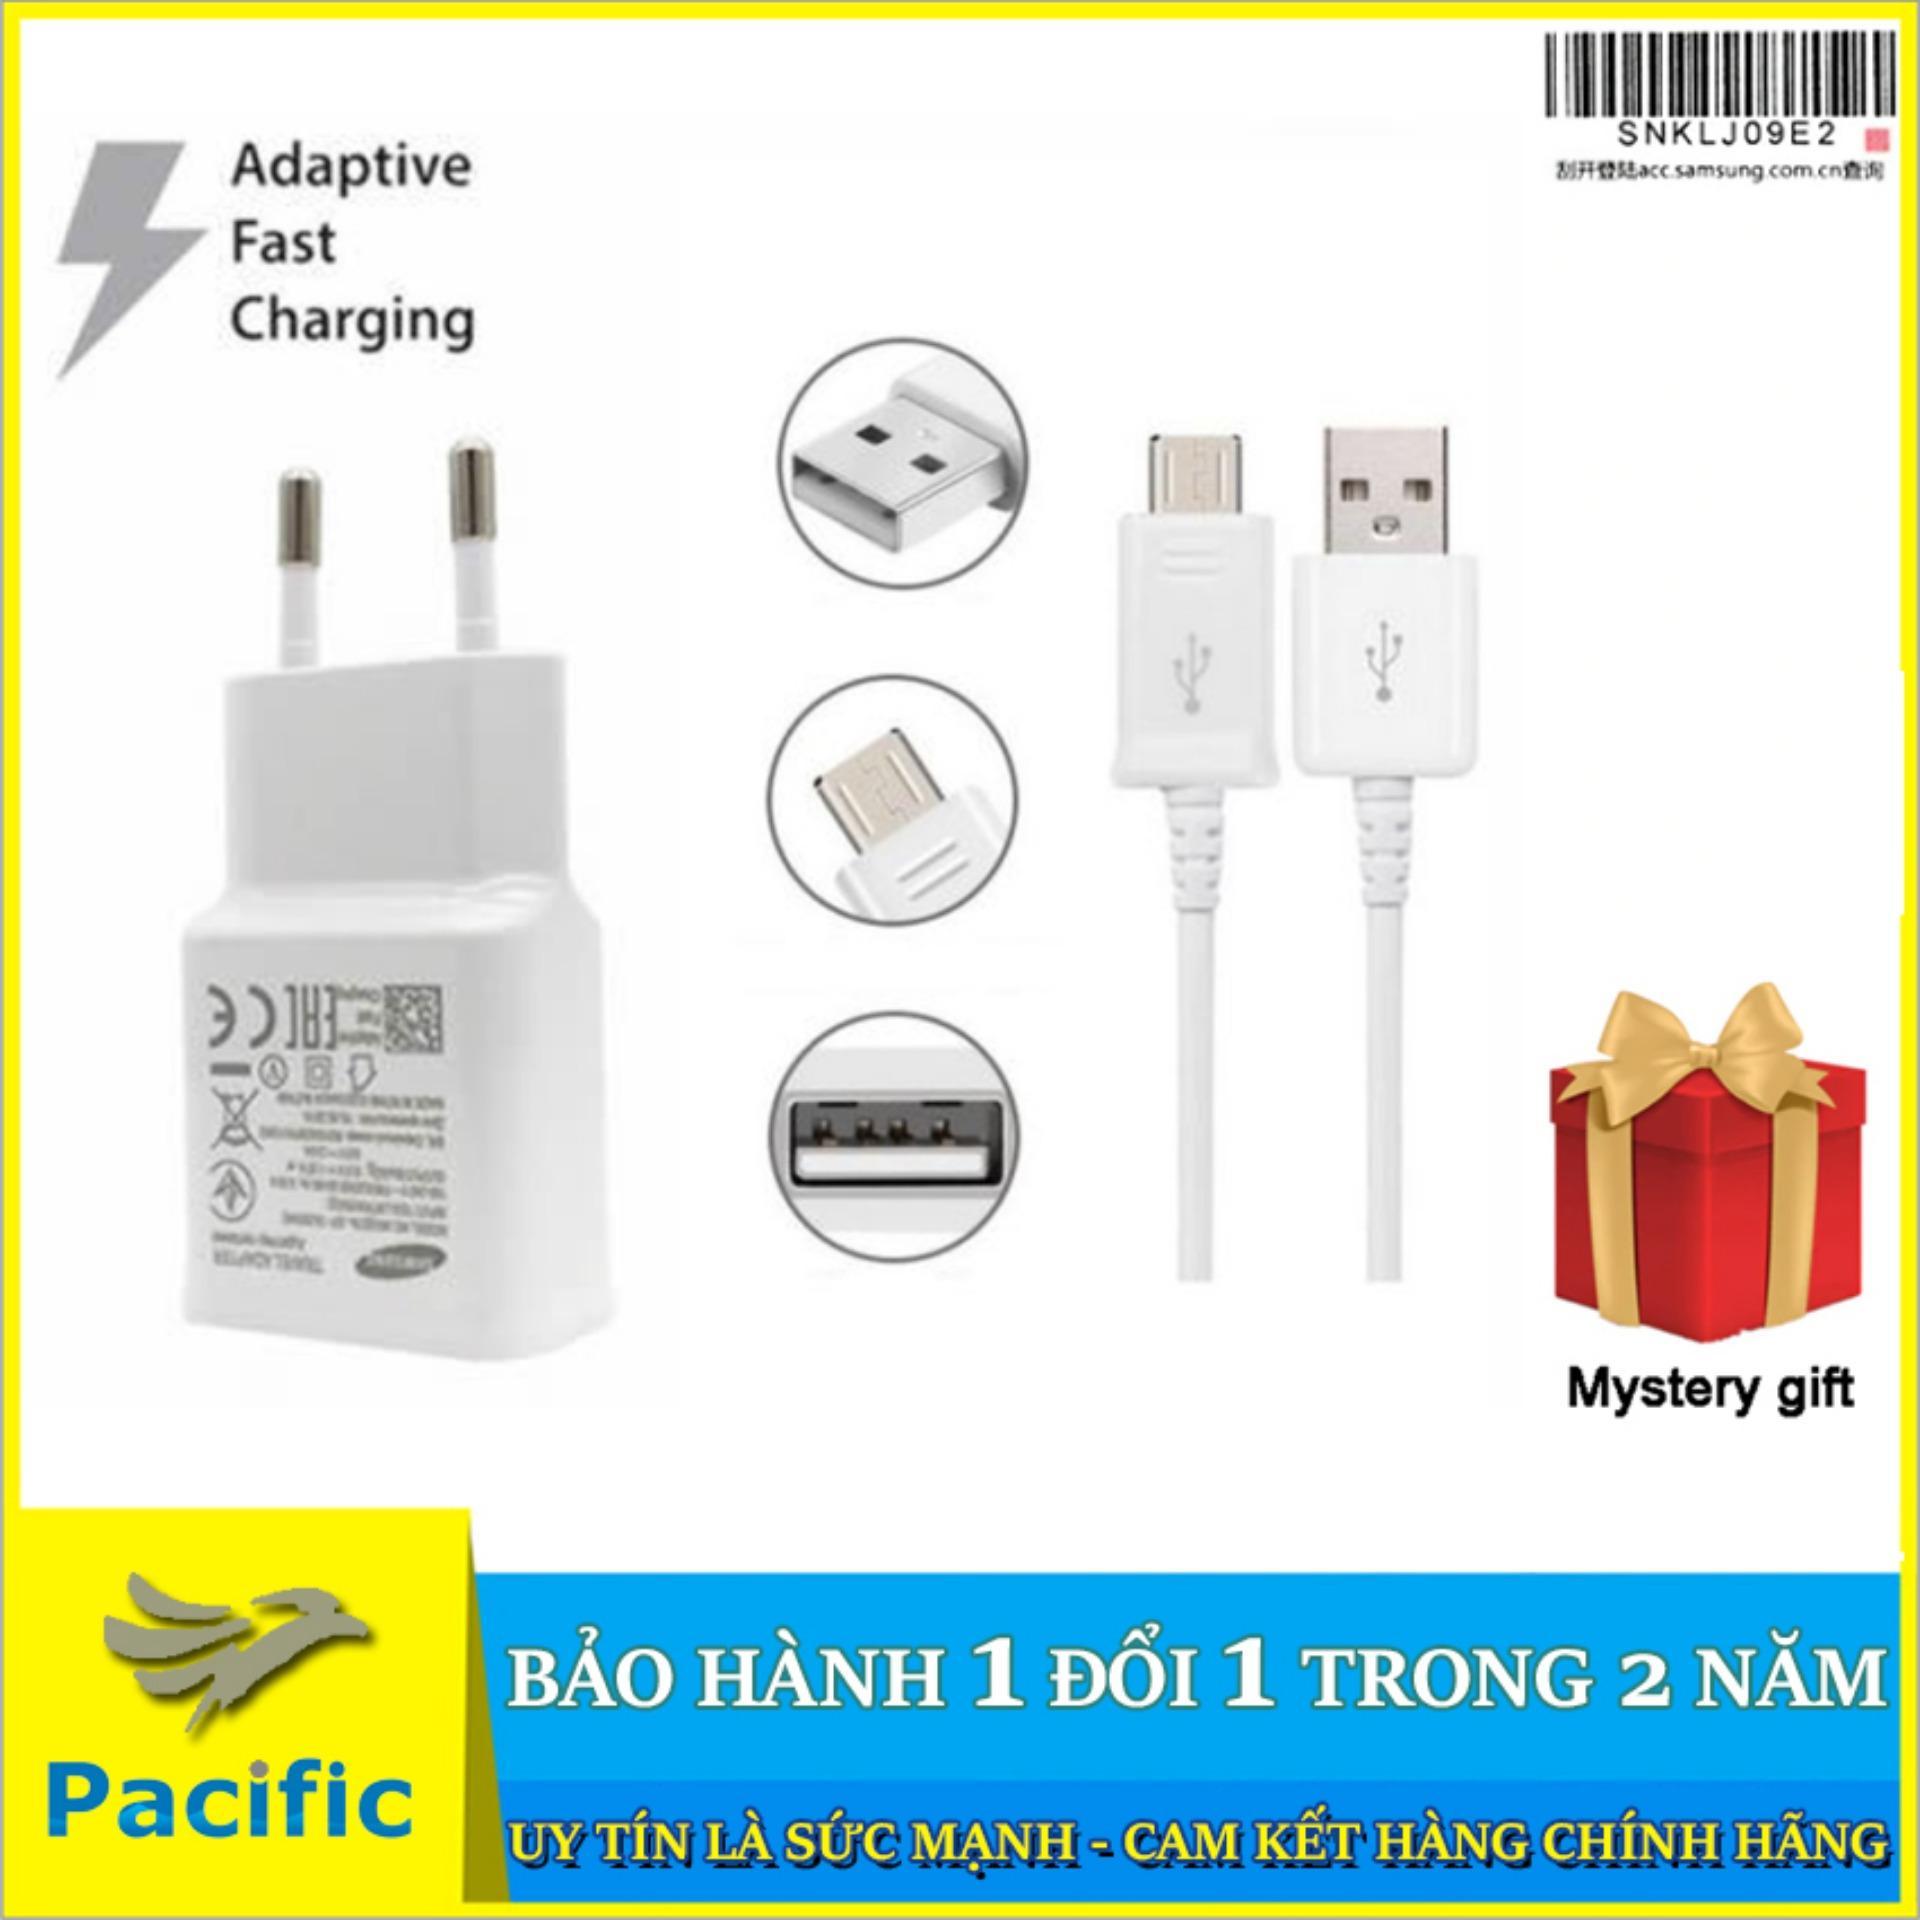 Bộ Cáp Sạc Nhanh Samsung Galaxy Micro USB 2019 NEW for J2, J3, J4, J5, J6, J7 Prime Pro LTE - Tặng Que Chọc Sim Pacific